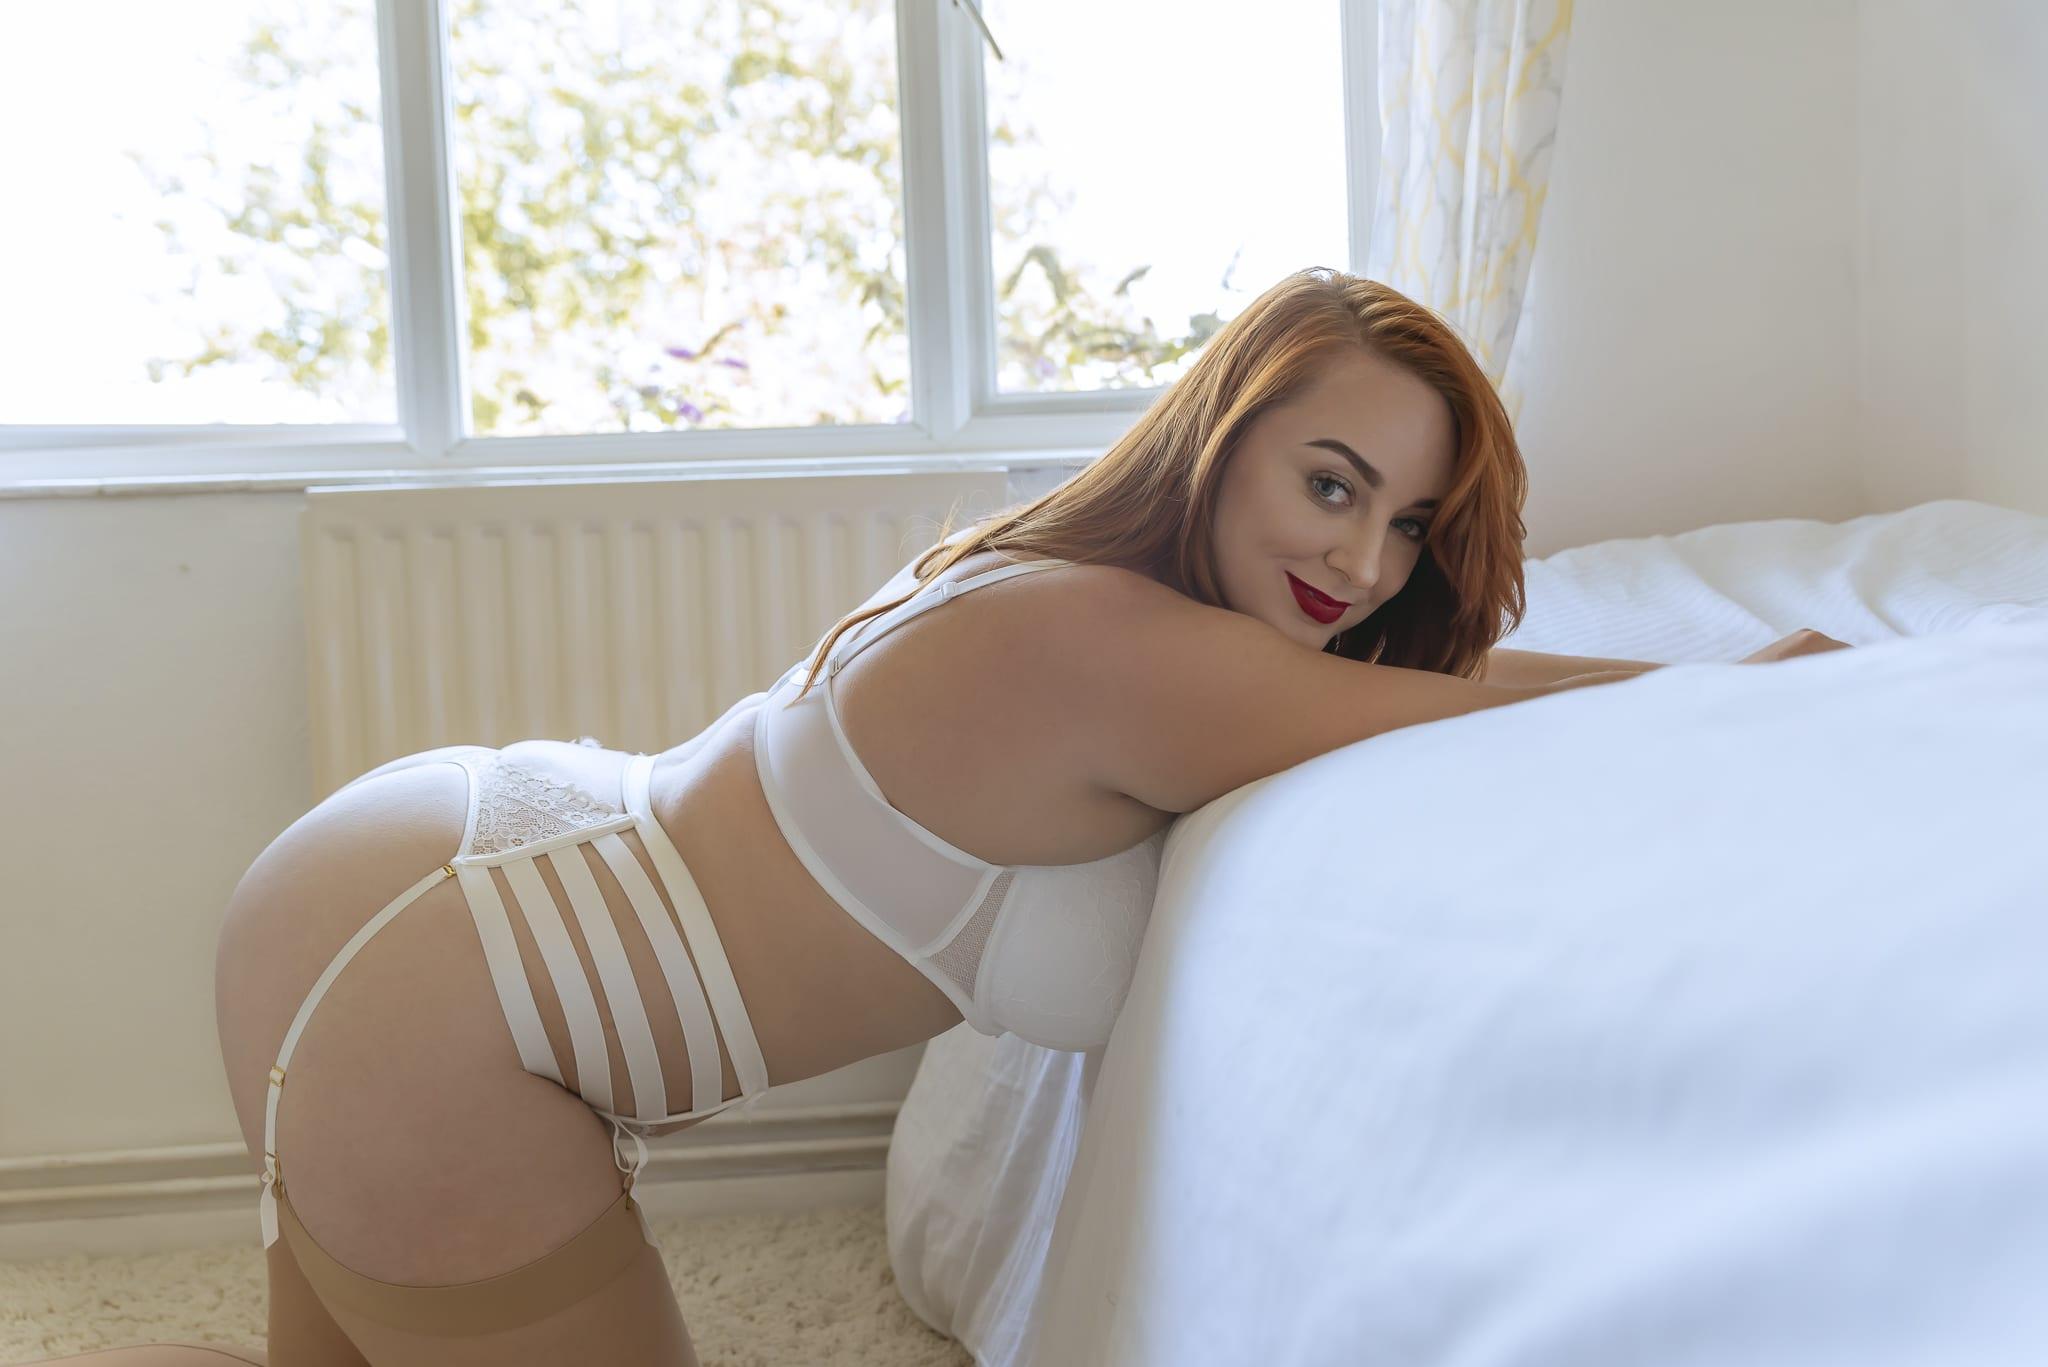 Lonodn boudoir photo shoot-29